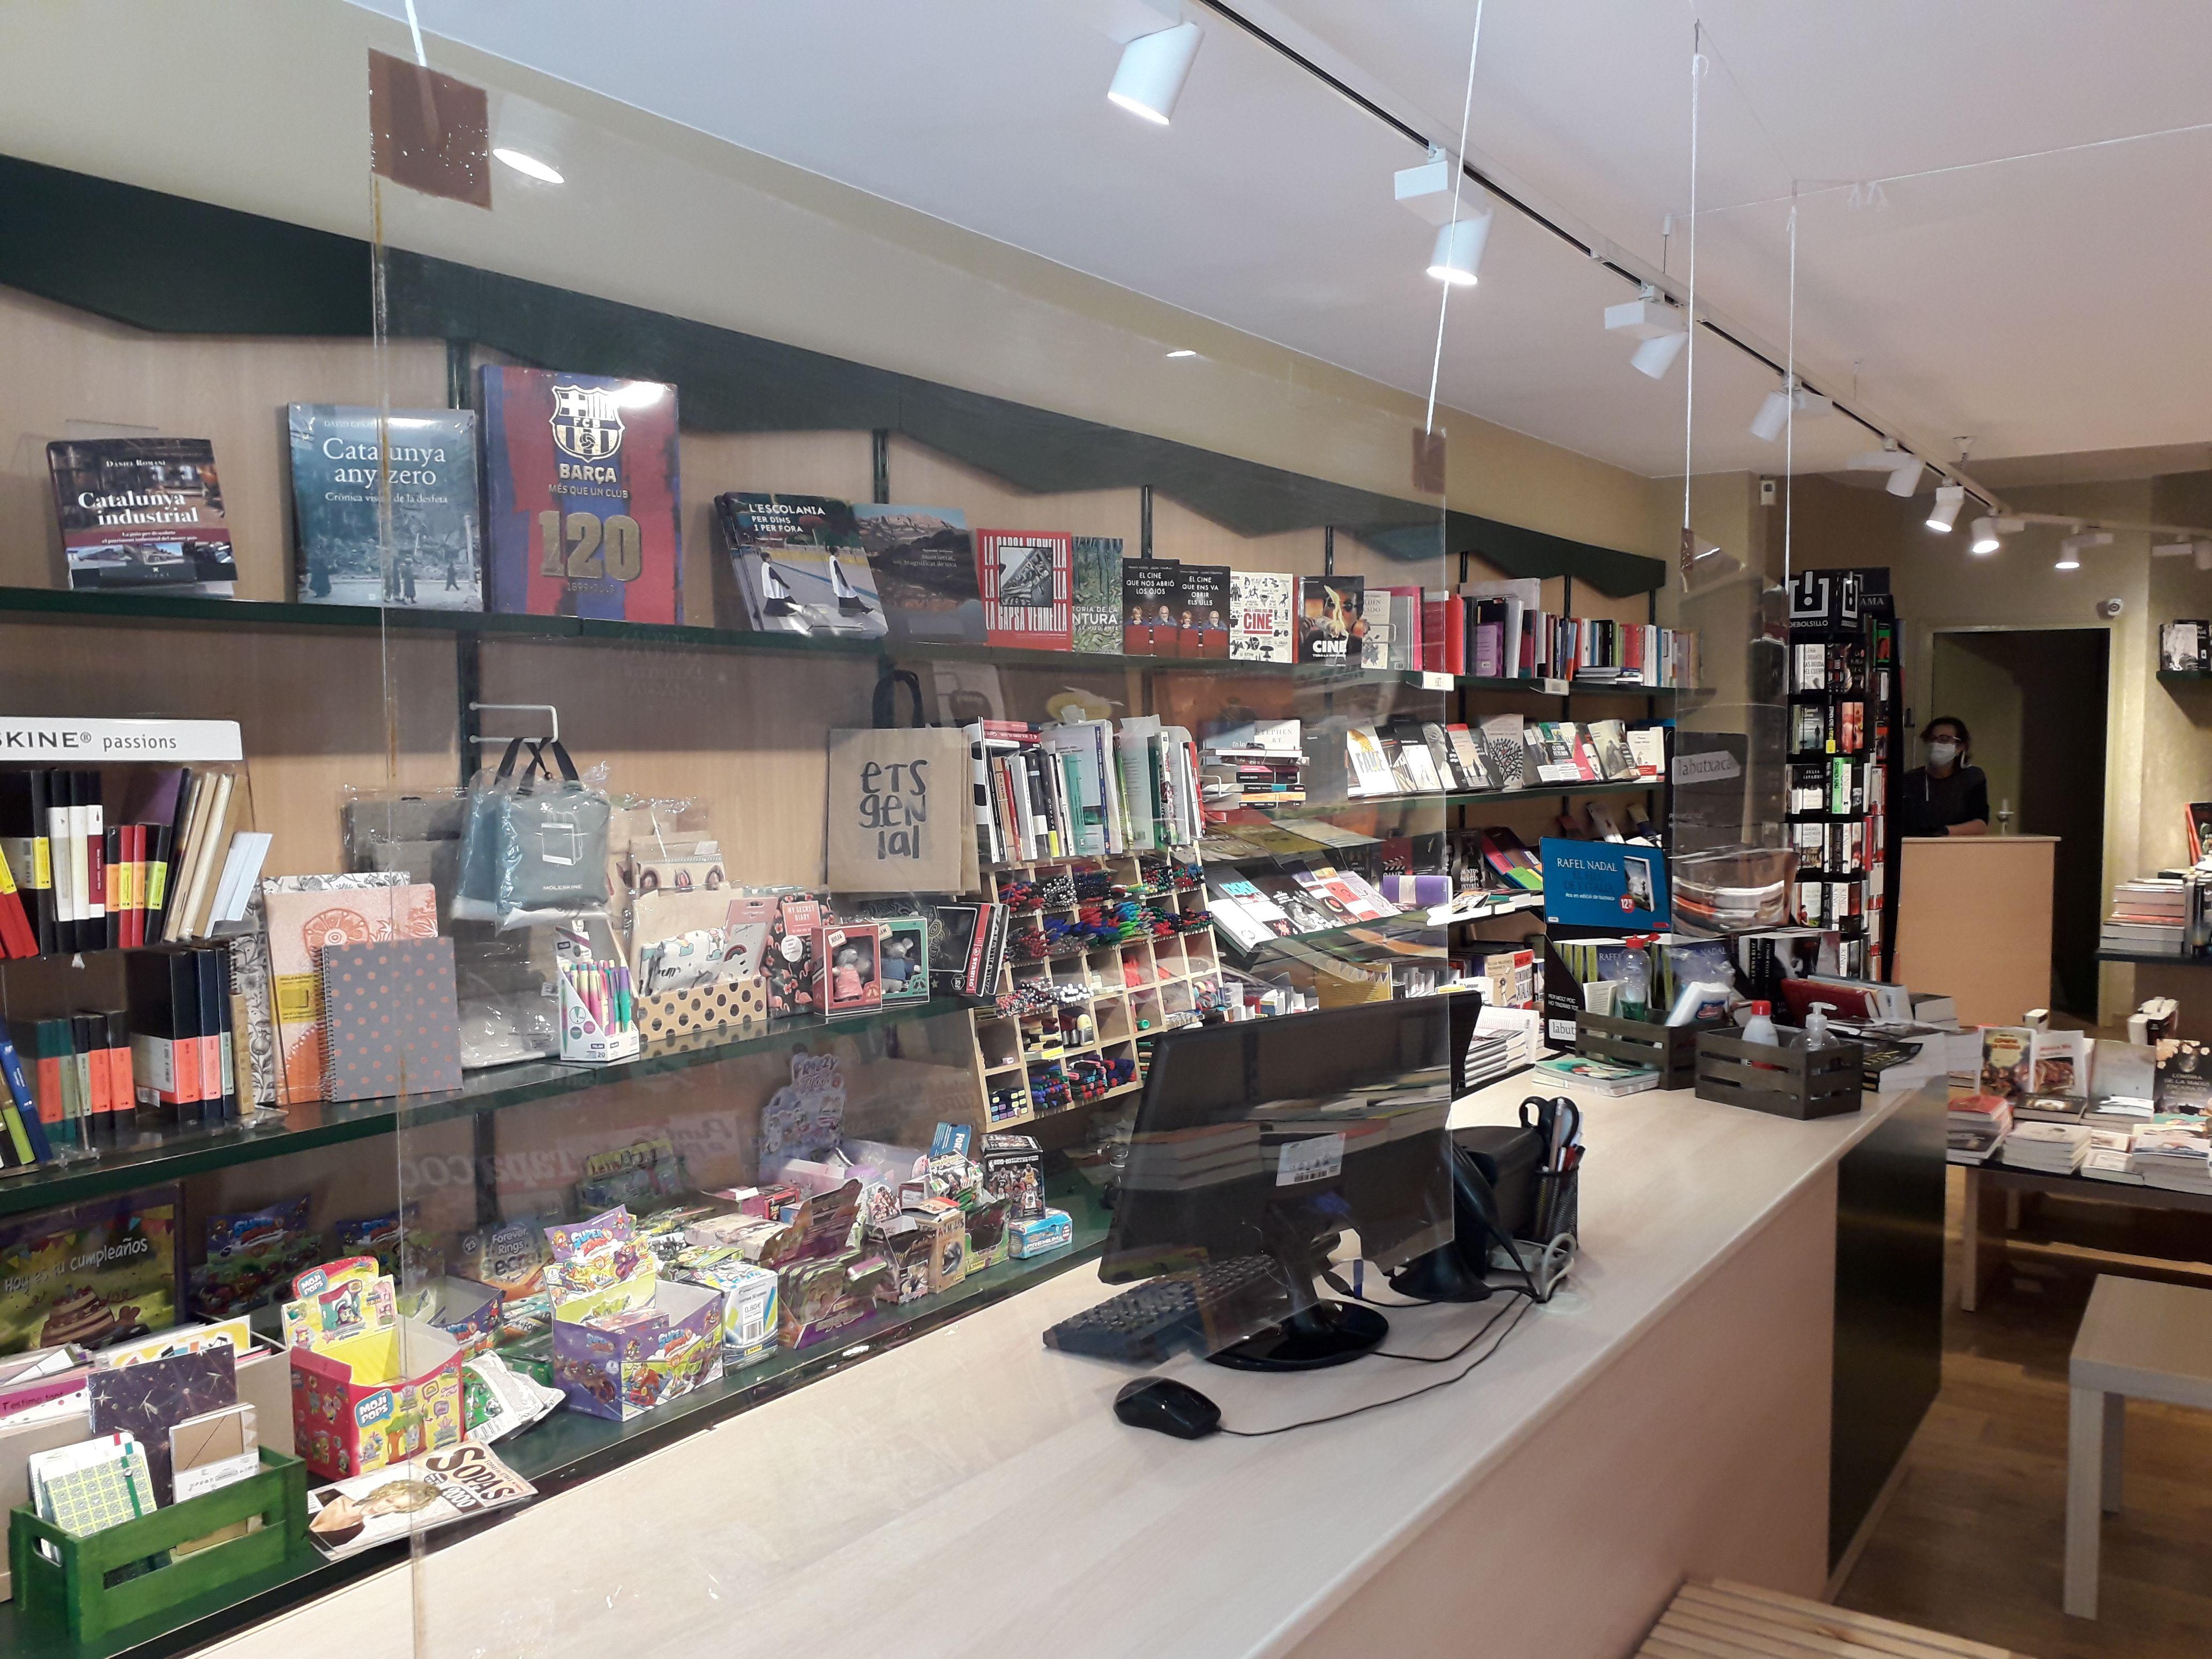 Mampares de protecció a la llibreria L'Ombra. FONT: Núria HS